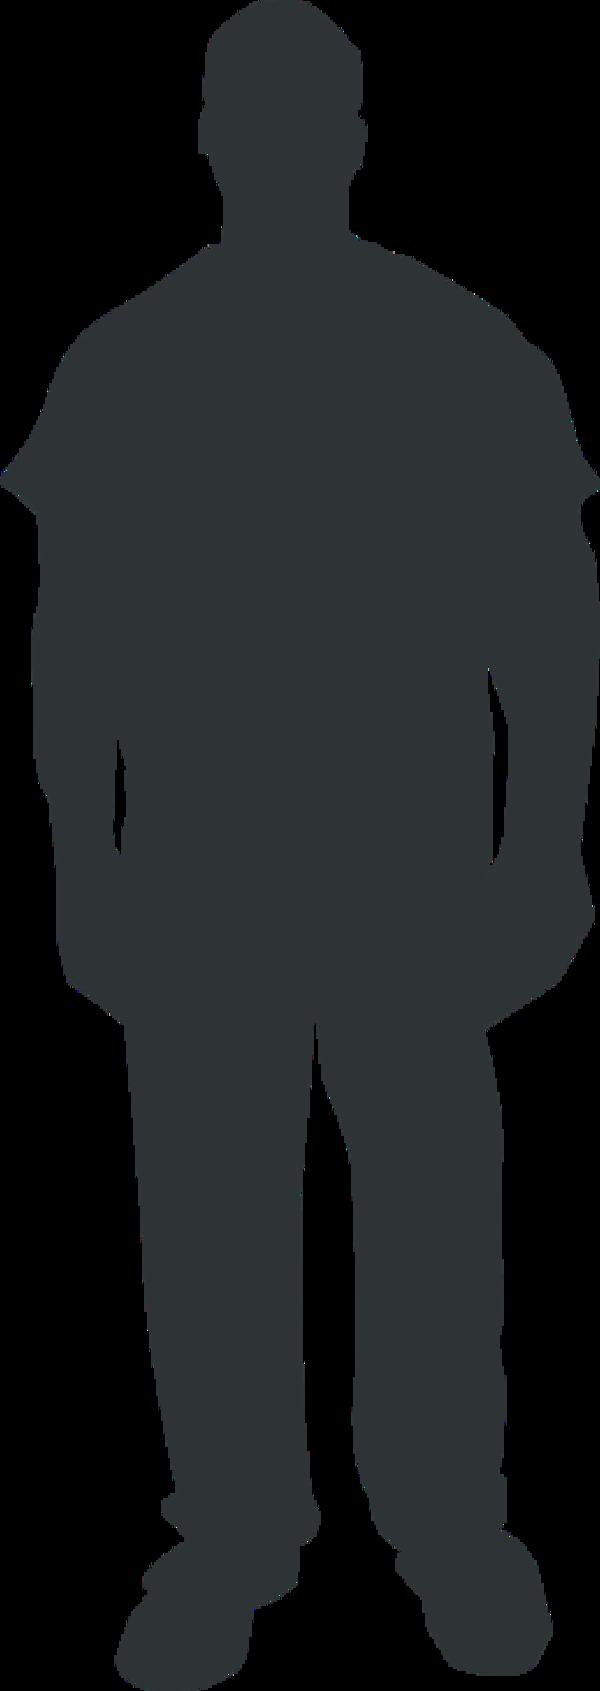 Person Outline Clip Art